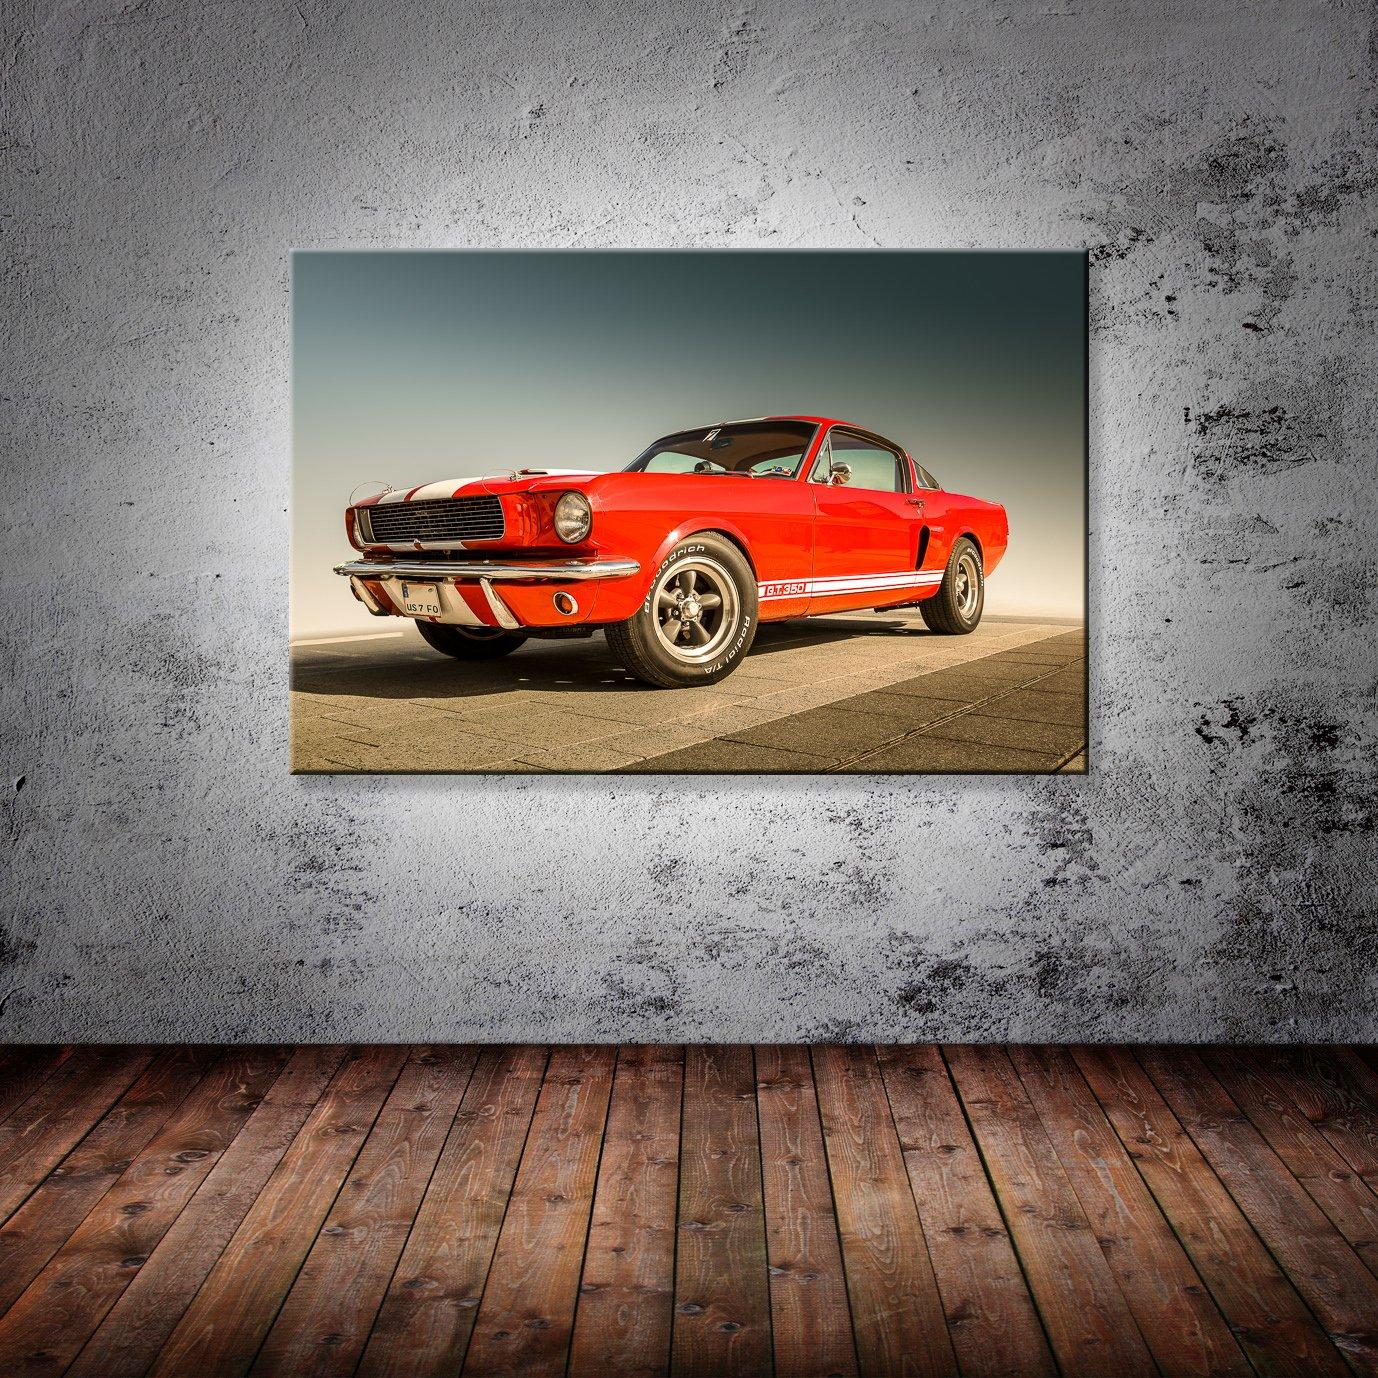 Ford GT BILD LEINWAND DEKO AUTO SPORT WAGEN POSTER BILDER WANDBILD SCHWARZ,